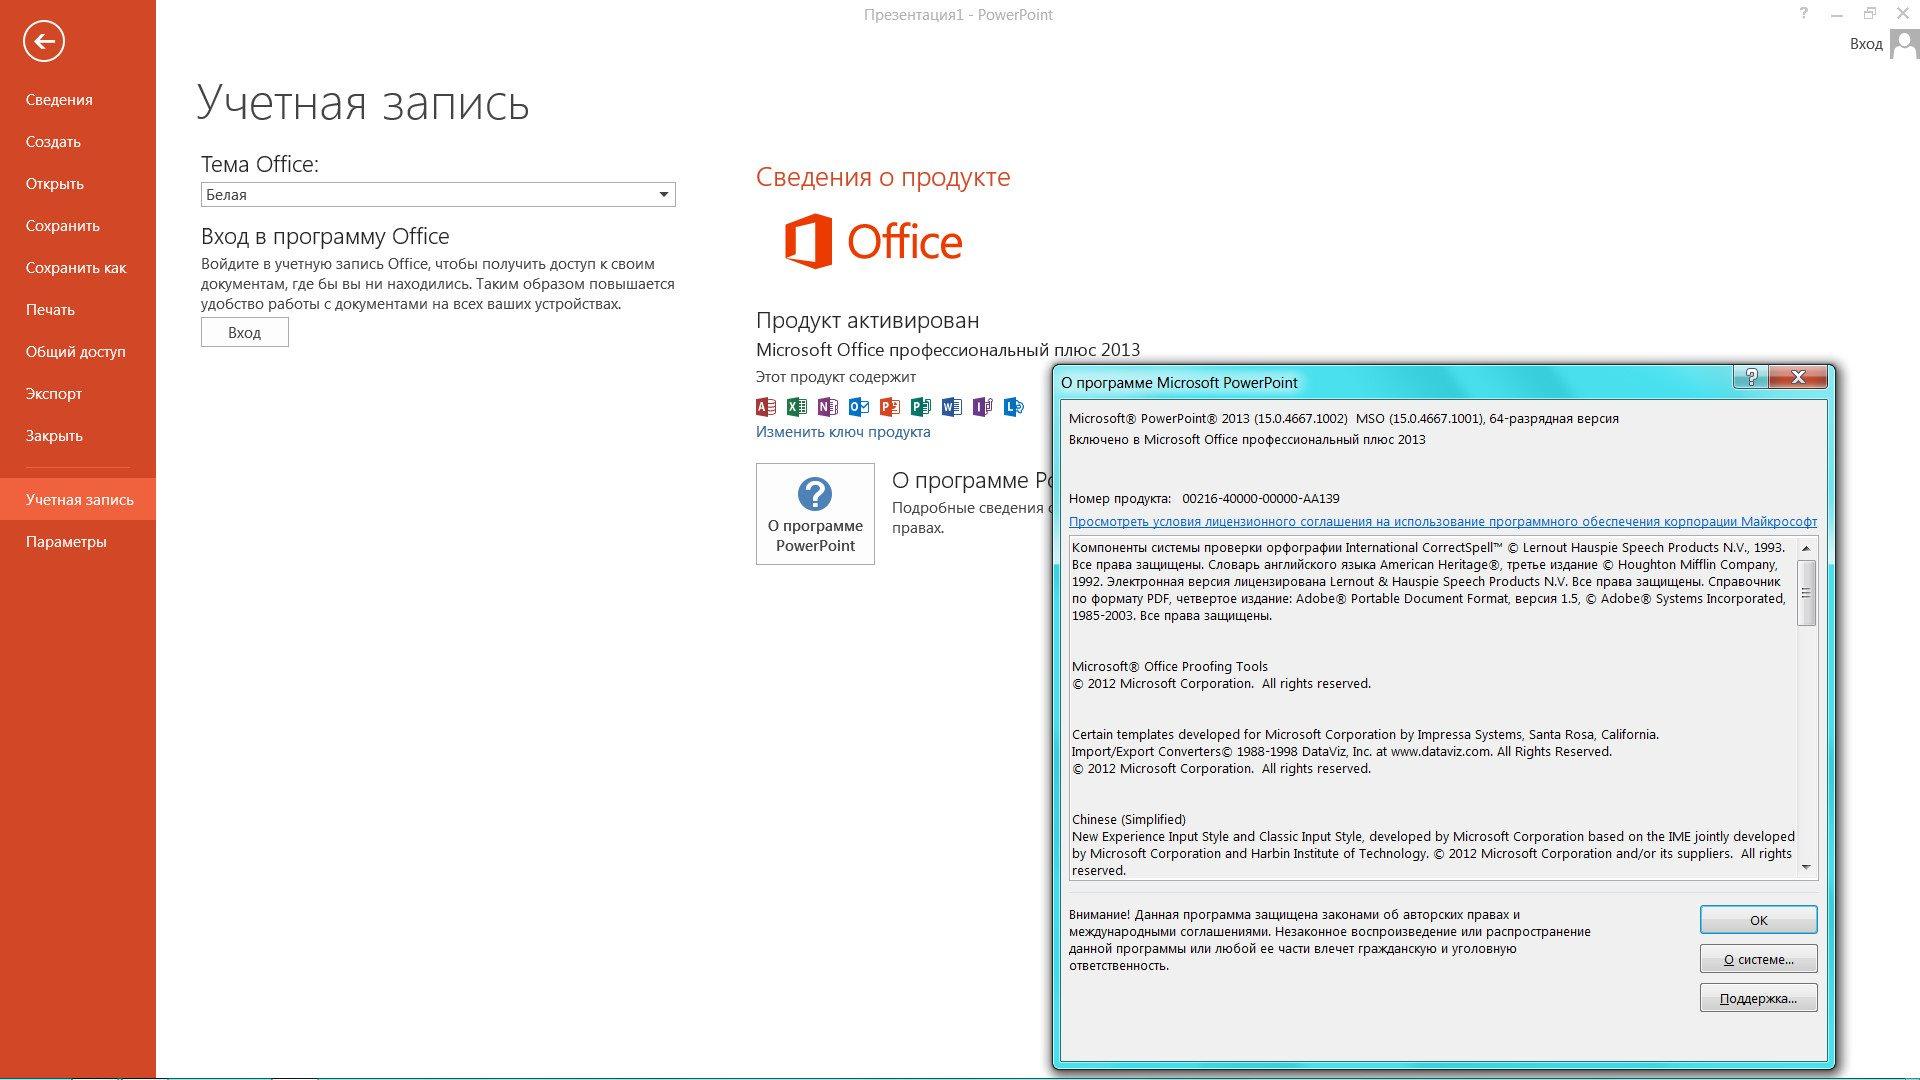 Microsoft Office 2013 Torrent Repack версия Standard на